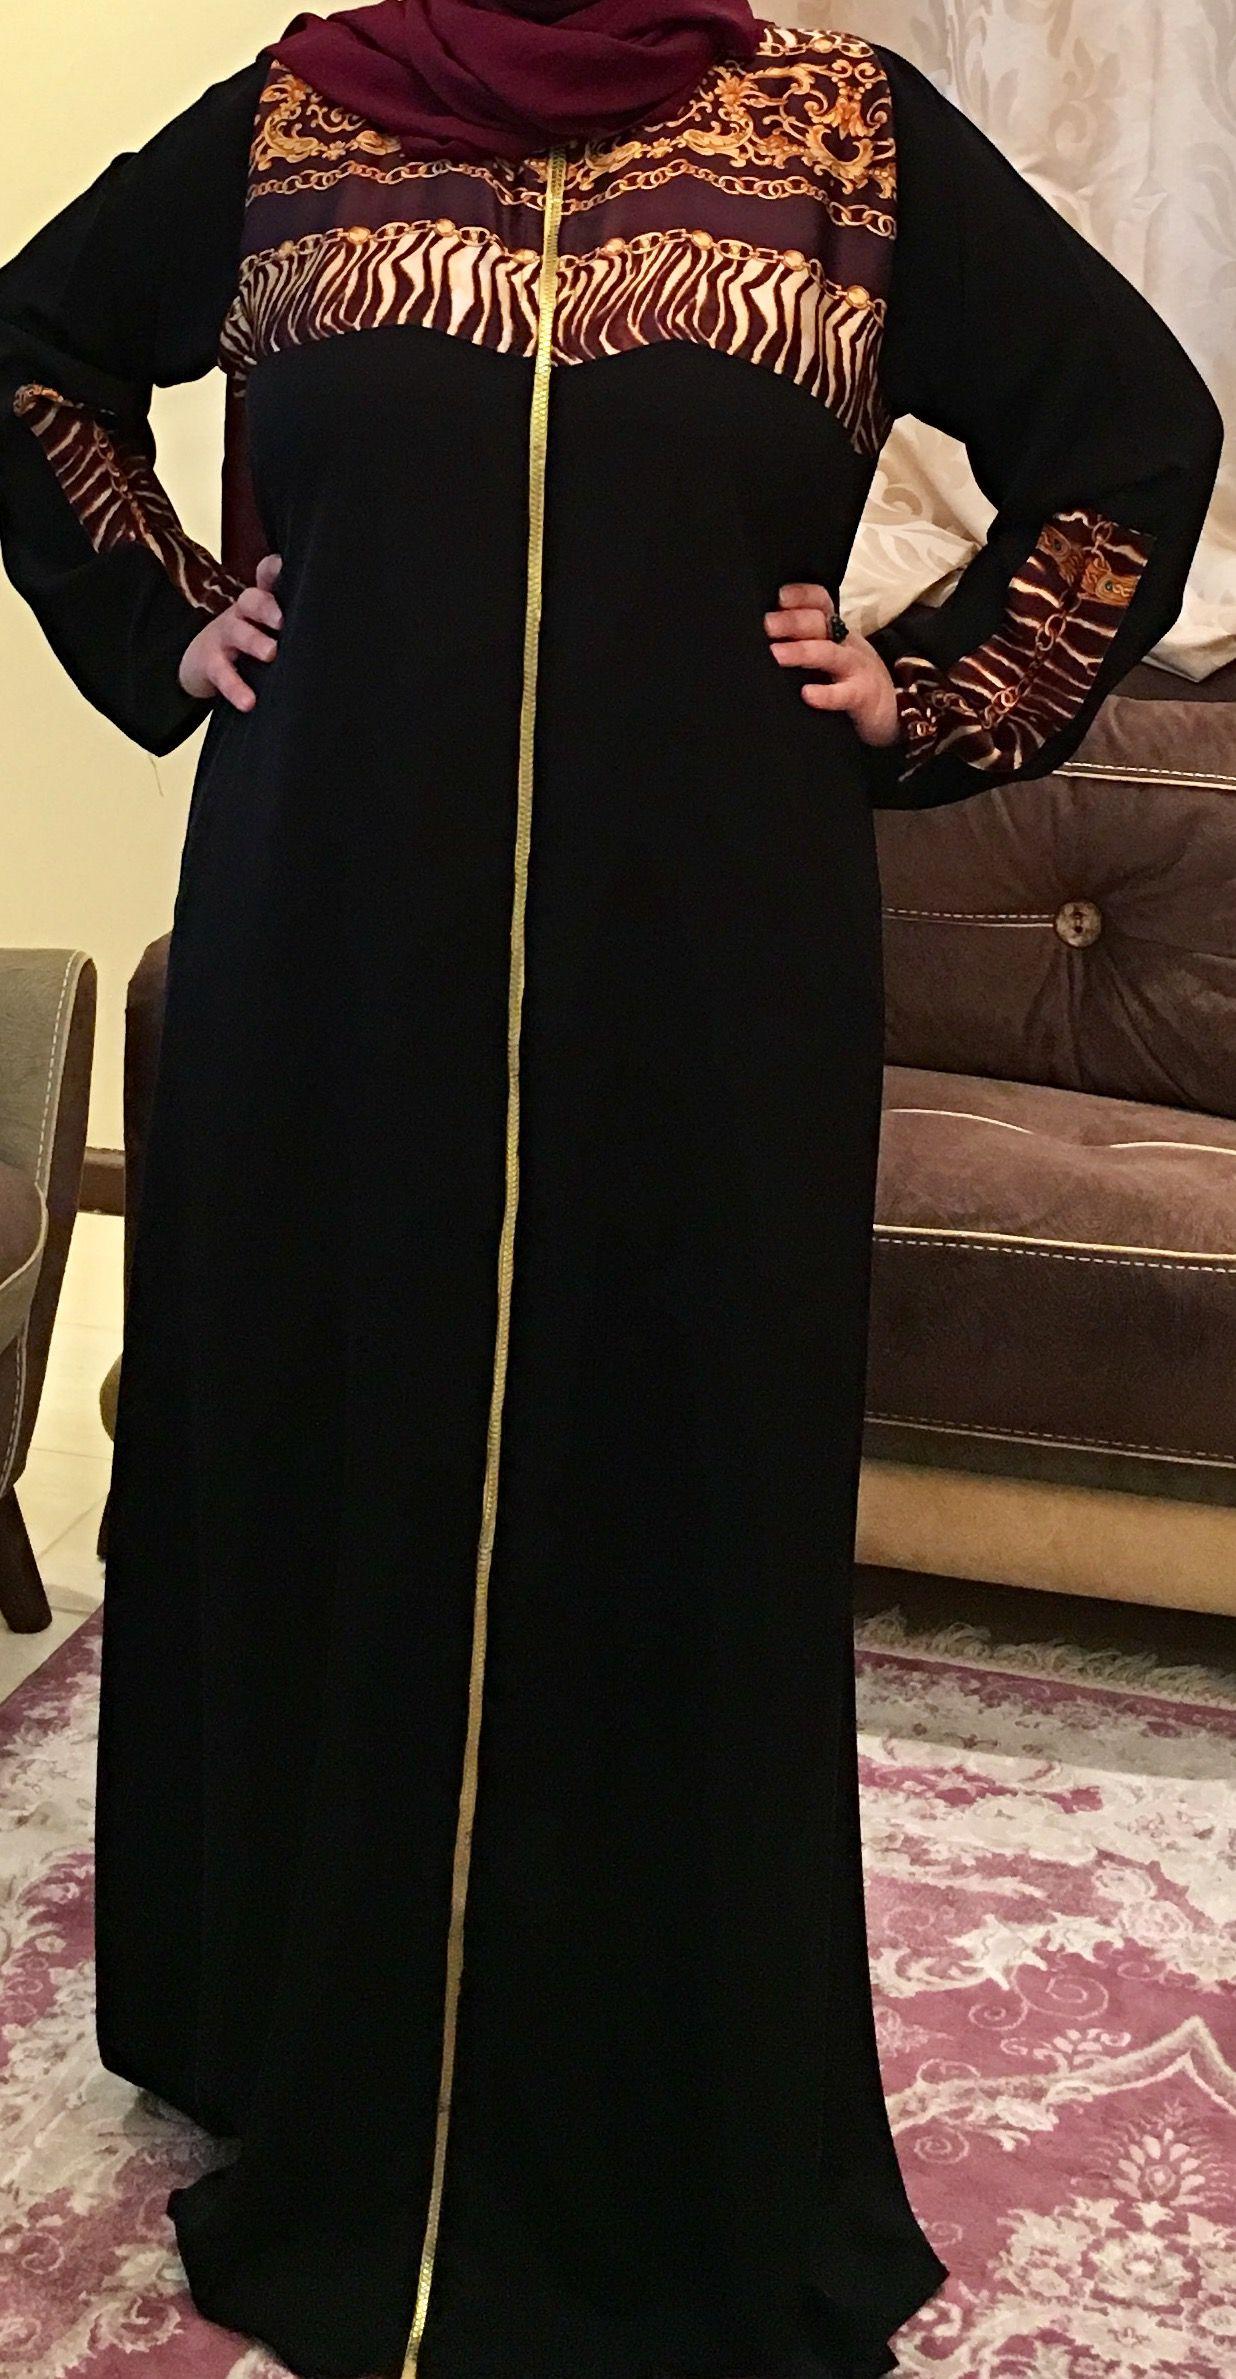 عبايه عبايات السعوديه الدمام الرياض جده الطائف بنات الرياض ينبع حائل الخليج الكويت الامارات البحرين تصميم Dresses With Sleeves Fashion Long Sleeve Dress